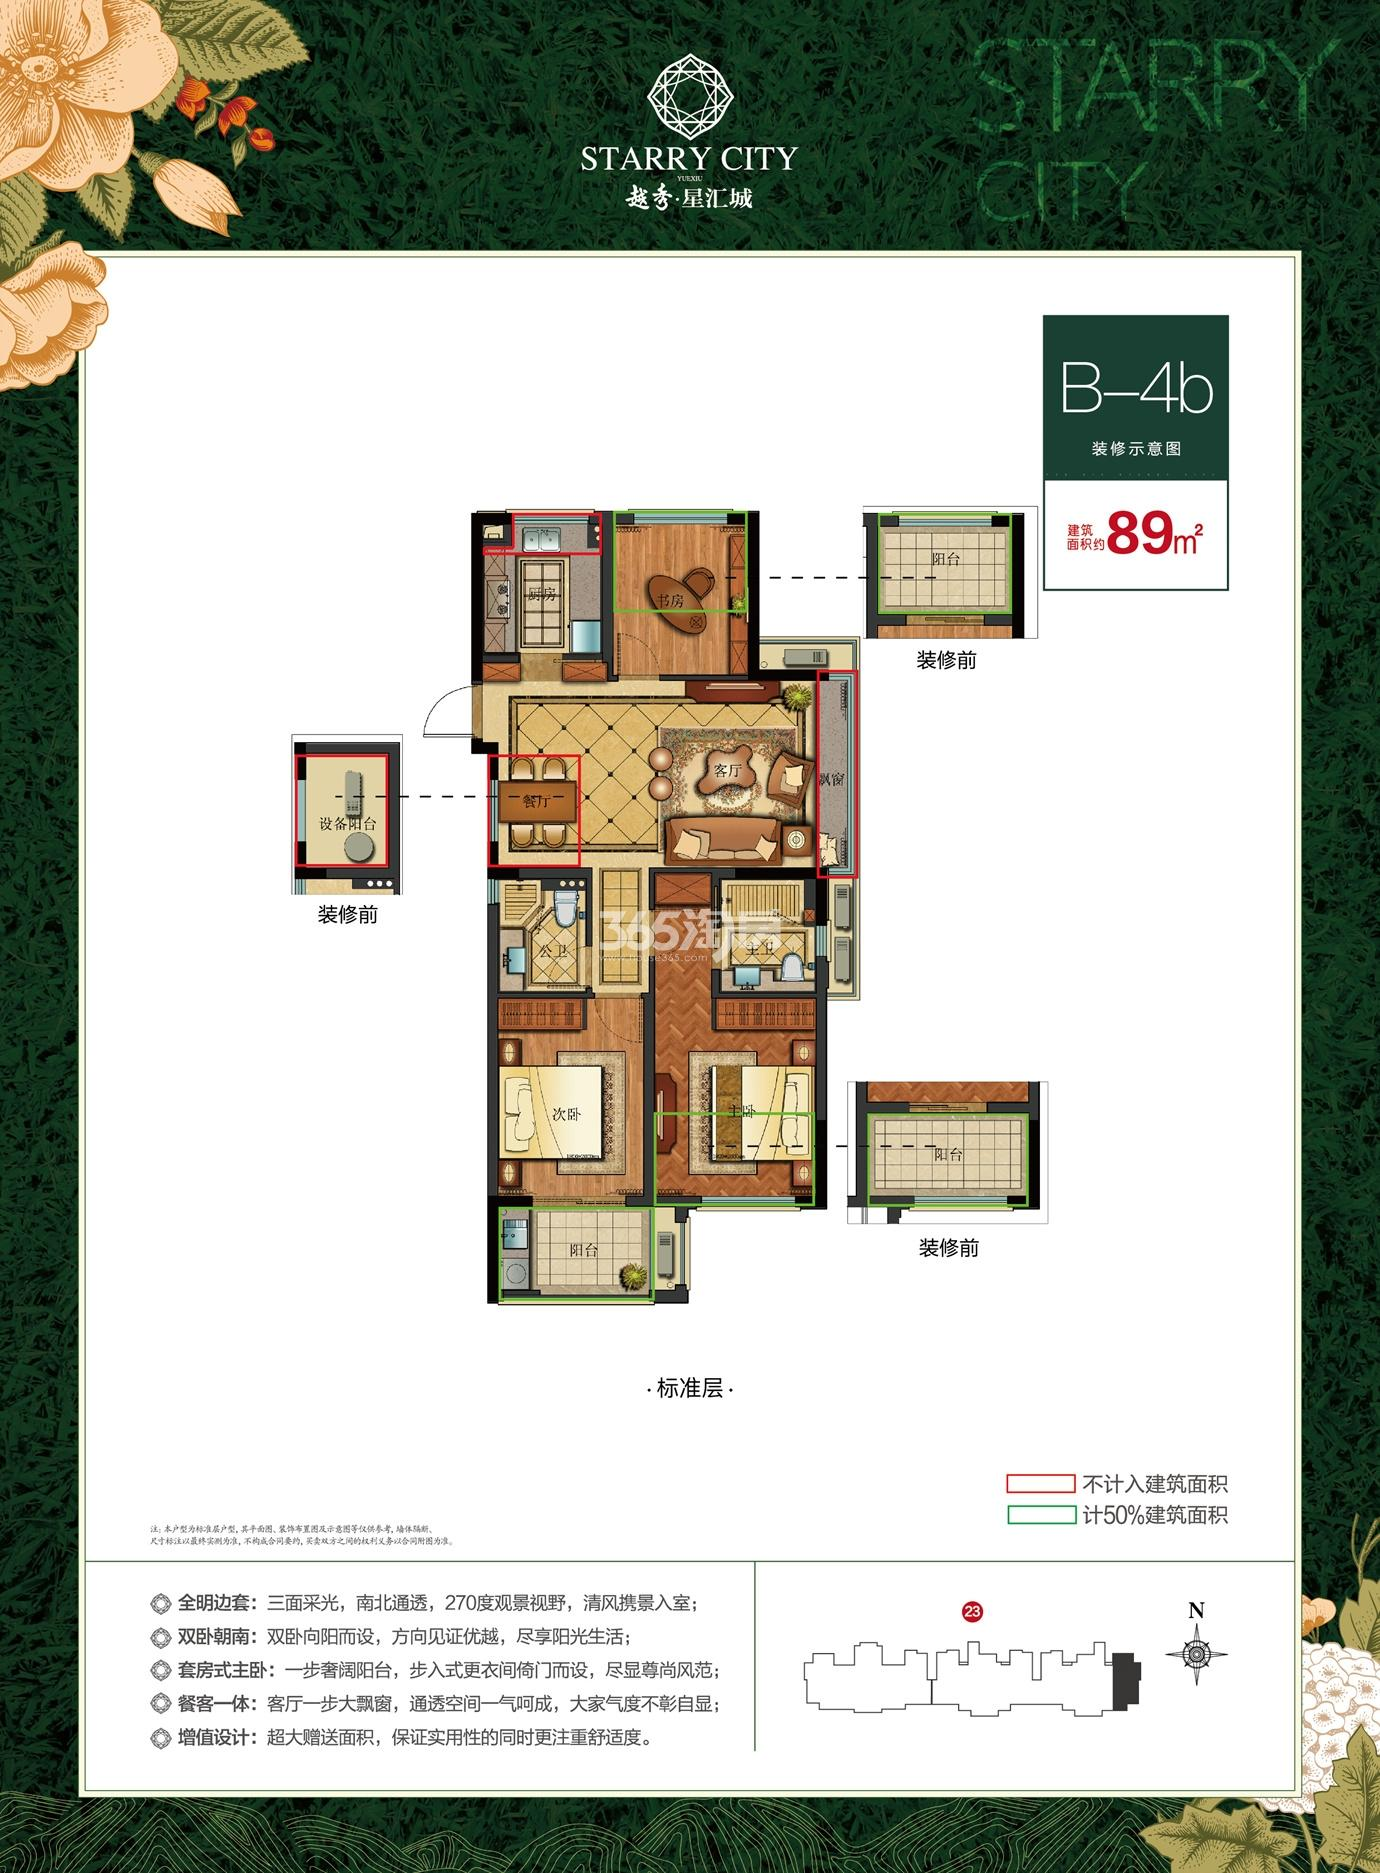 越秀星汇城B-4b户型东边套89方 (23号楼)